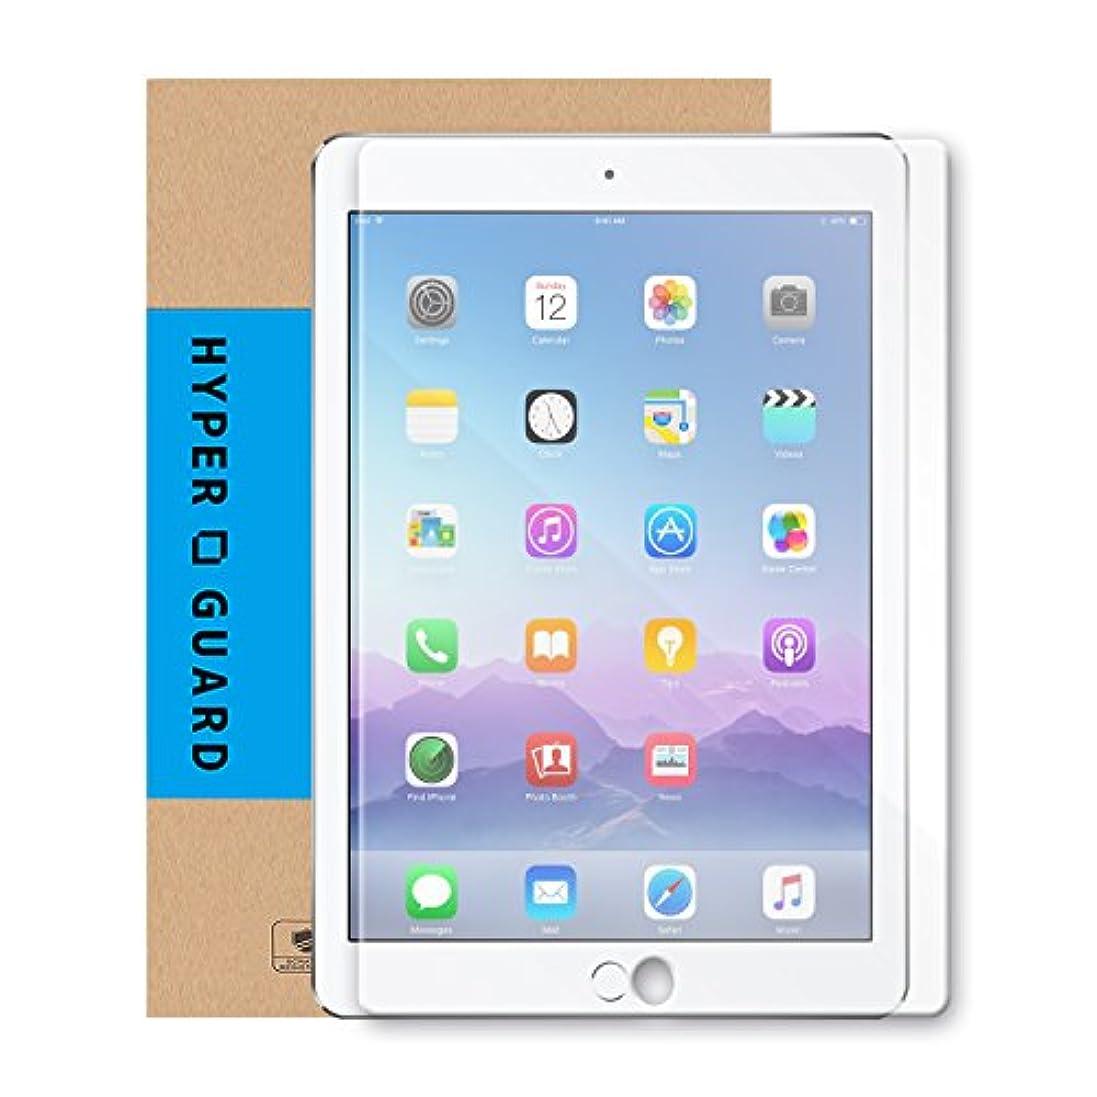 晩ごはん横組立[HYPER GUARD]【30days プレミアム保障】 ブルーライトカット 92% 日本製 旭硝子使用 iPad4 / iPad3 / iPad2 専用 9.7インチ 極薄 0.33mm 日本製 強化ガラスフィルム 3Dタッチ 硬度 9H ラウンドエッジ 気泡防止 気泡ゼロ 指紋防止 アイパッド2 アイパッド3 アイパッド4 保護フィルム 保護シート 液晶保護 タブレット 人気 v083 16AC12-11-CLRv